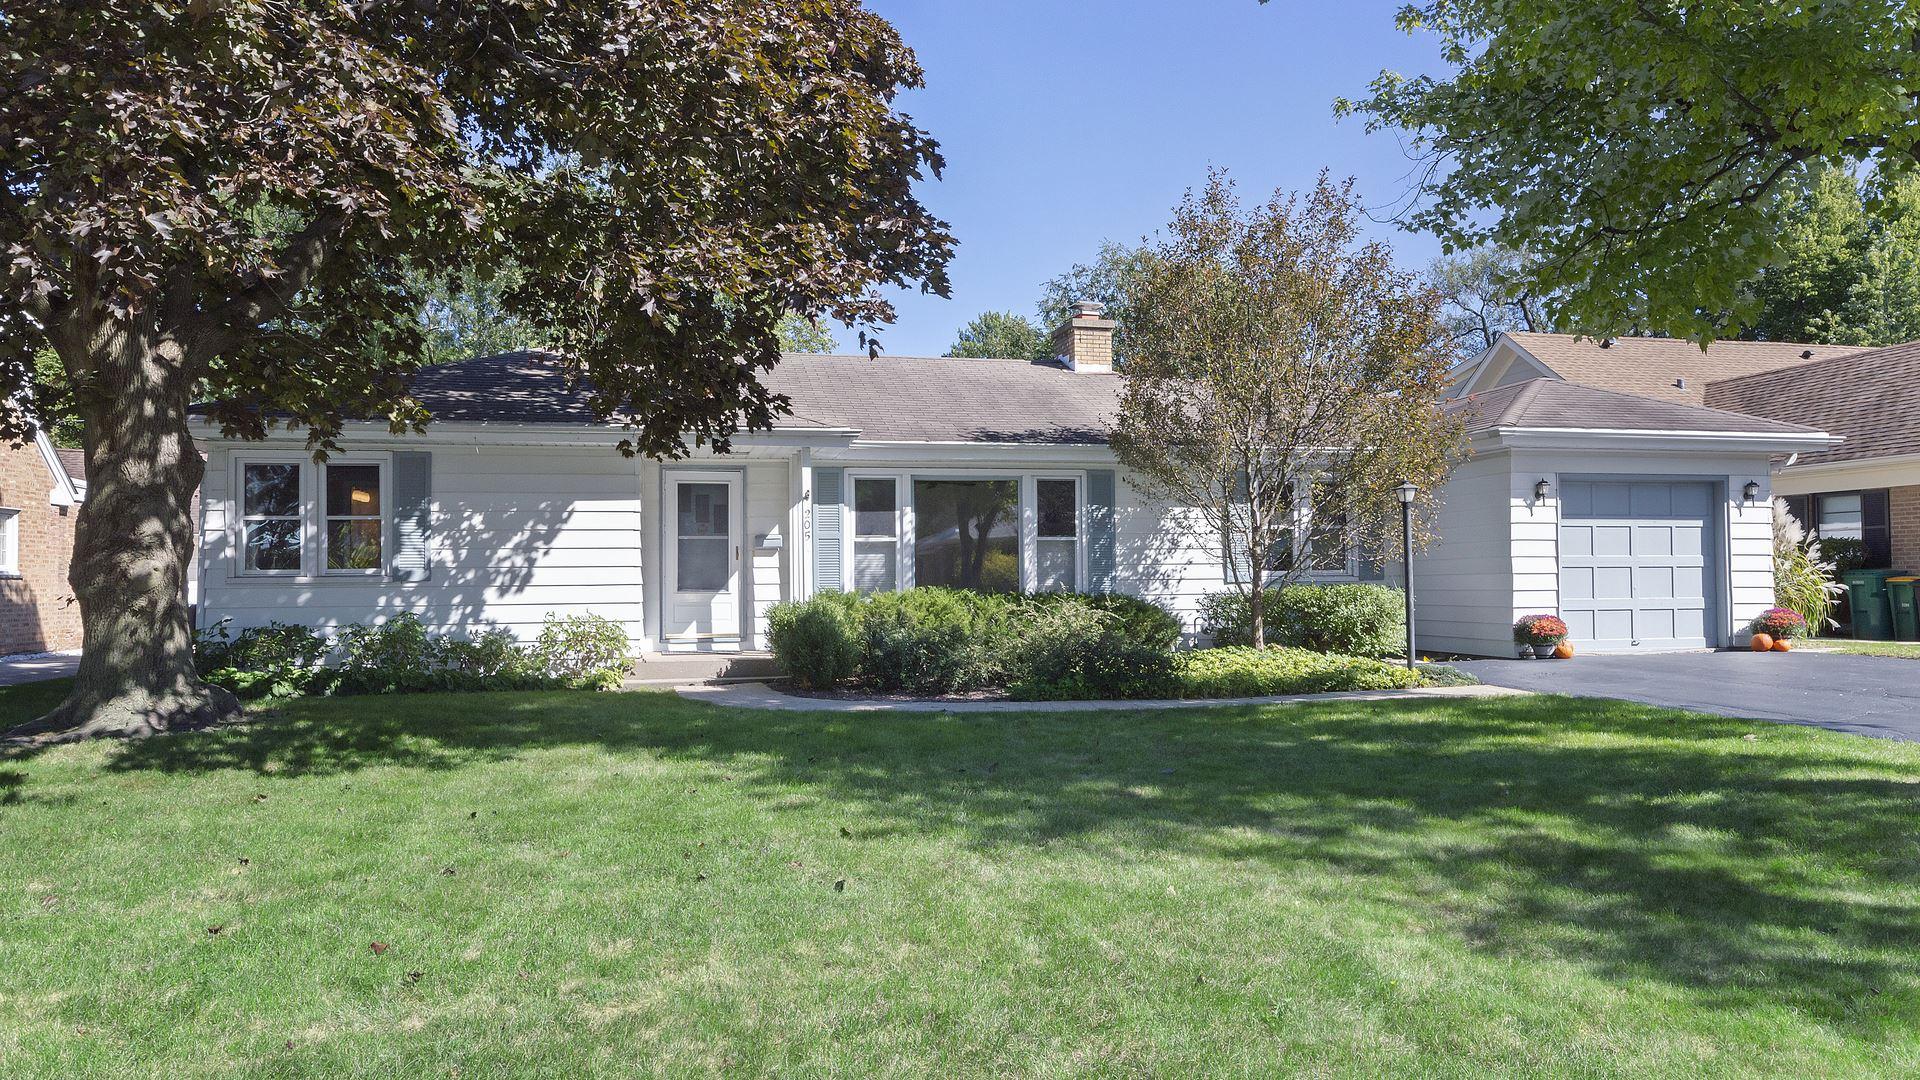 Photo for 205 Latrobe Avenue, Northfield, IL 60093 (MLS # 10846027)